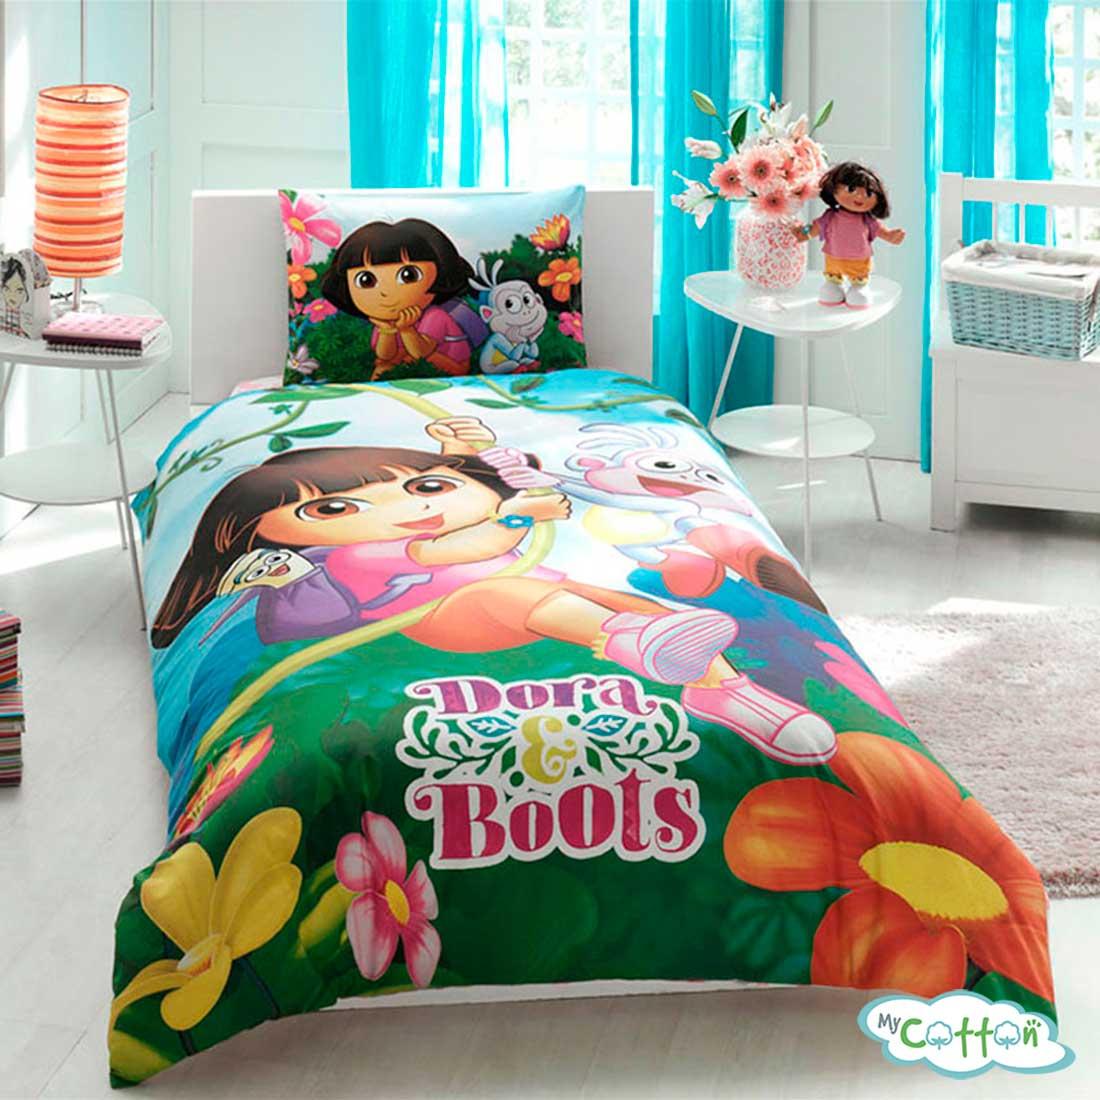 Детский комплект постельного белья для девочки TAC (Тач)DORA AND BOOTS